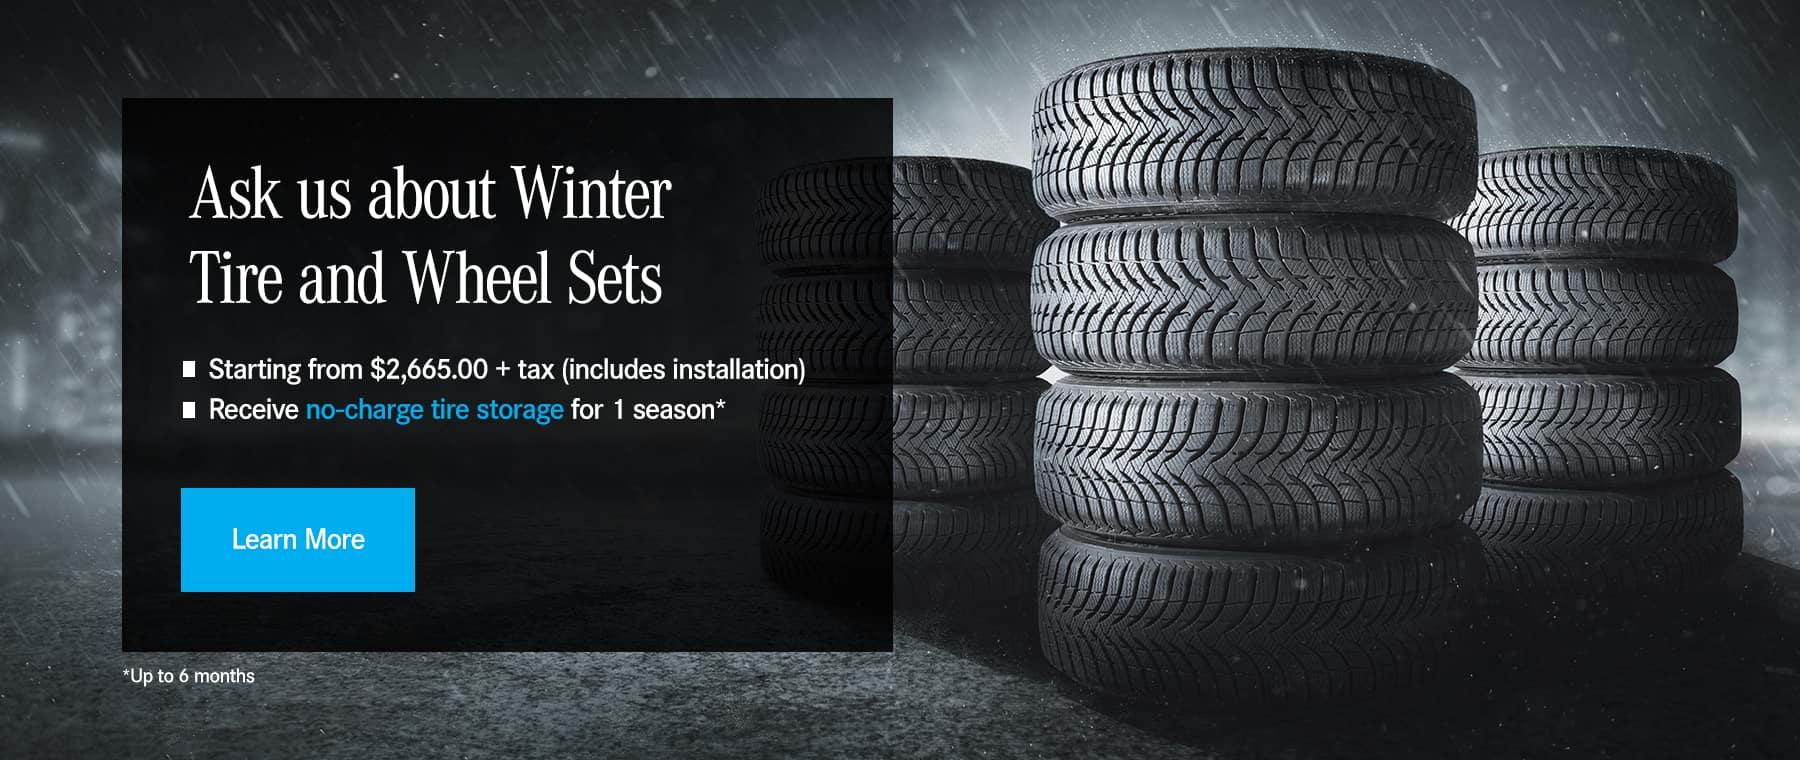 slider-revised-tire-sets